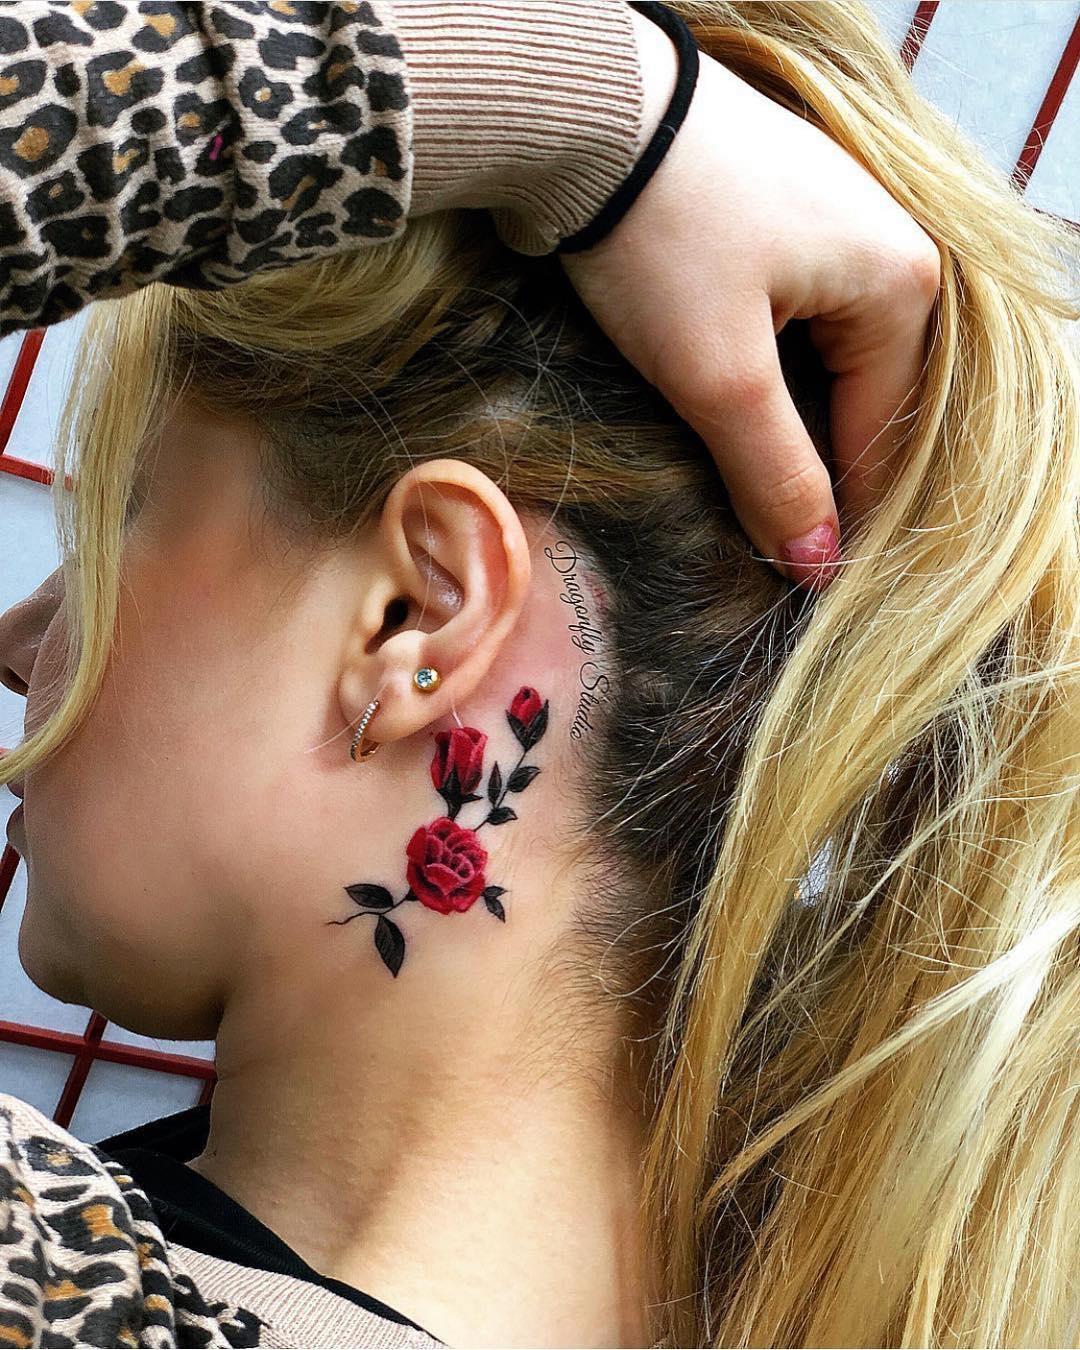 Красивая Татуировка Розы под Ухом